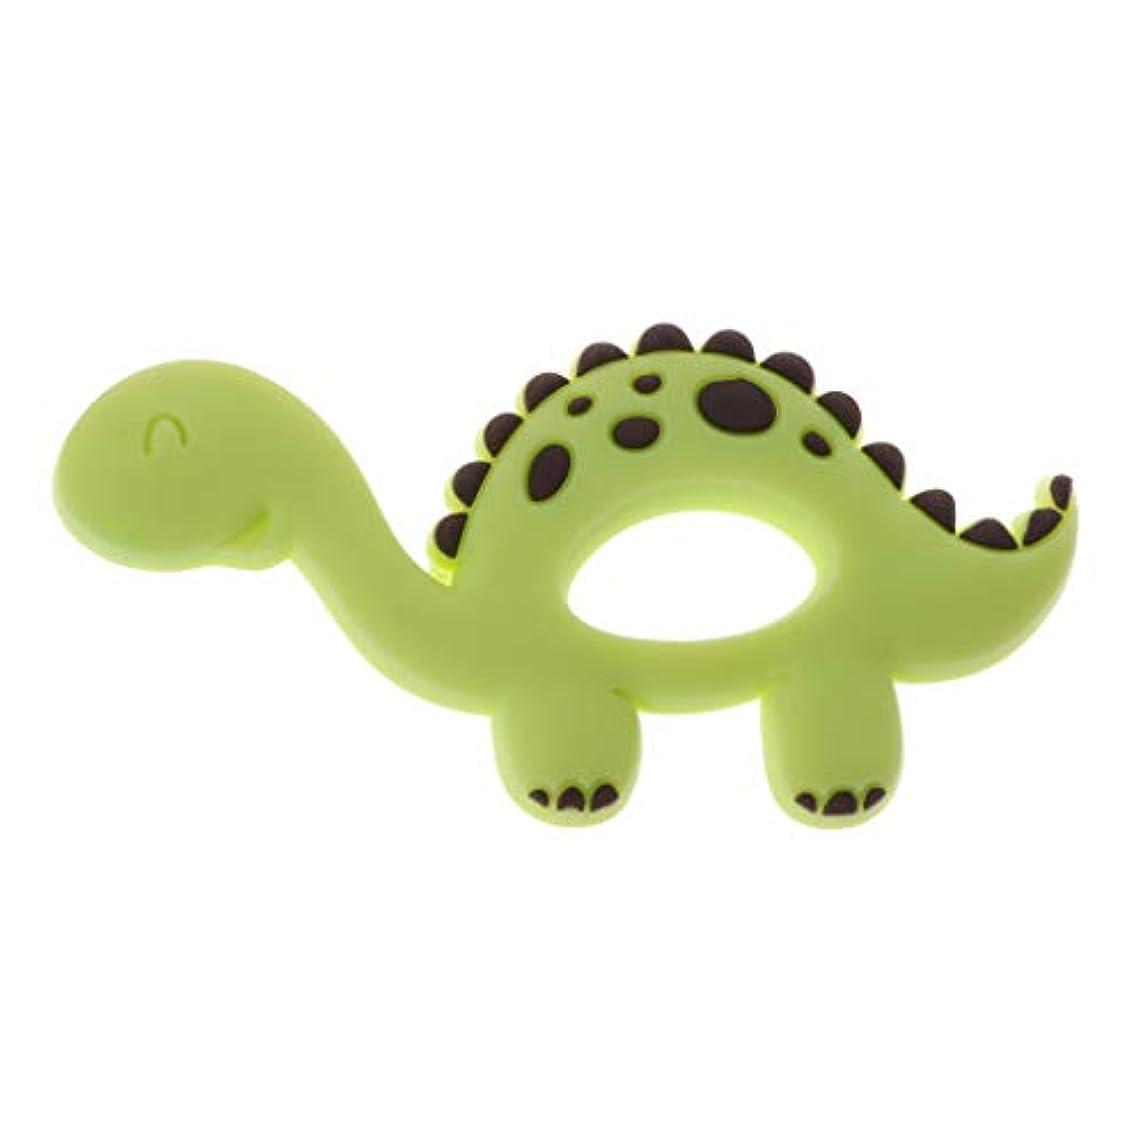 無法者見積り雇うLanddumシリコーンおしゃぶり恐竜シリコーンおしゃぶり赤ちゃん看護玩具かむ玩具歯を作るガラガラおもちゃ - 青